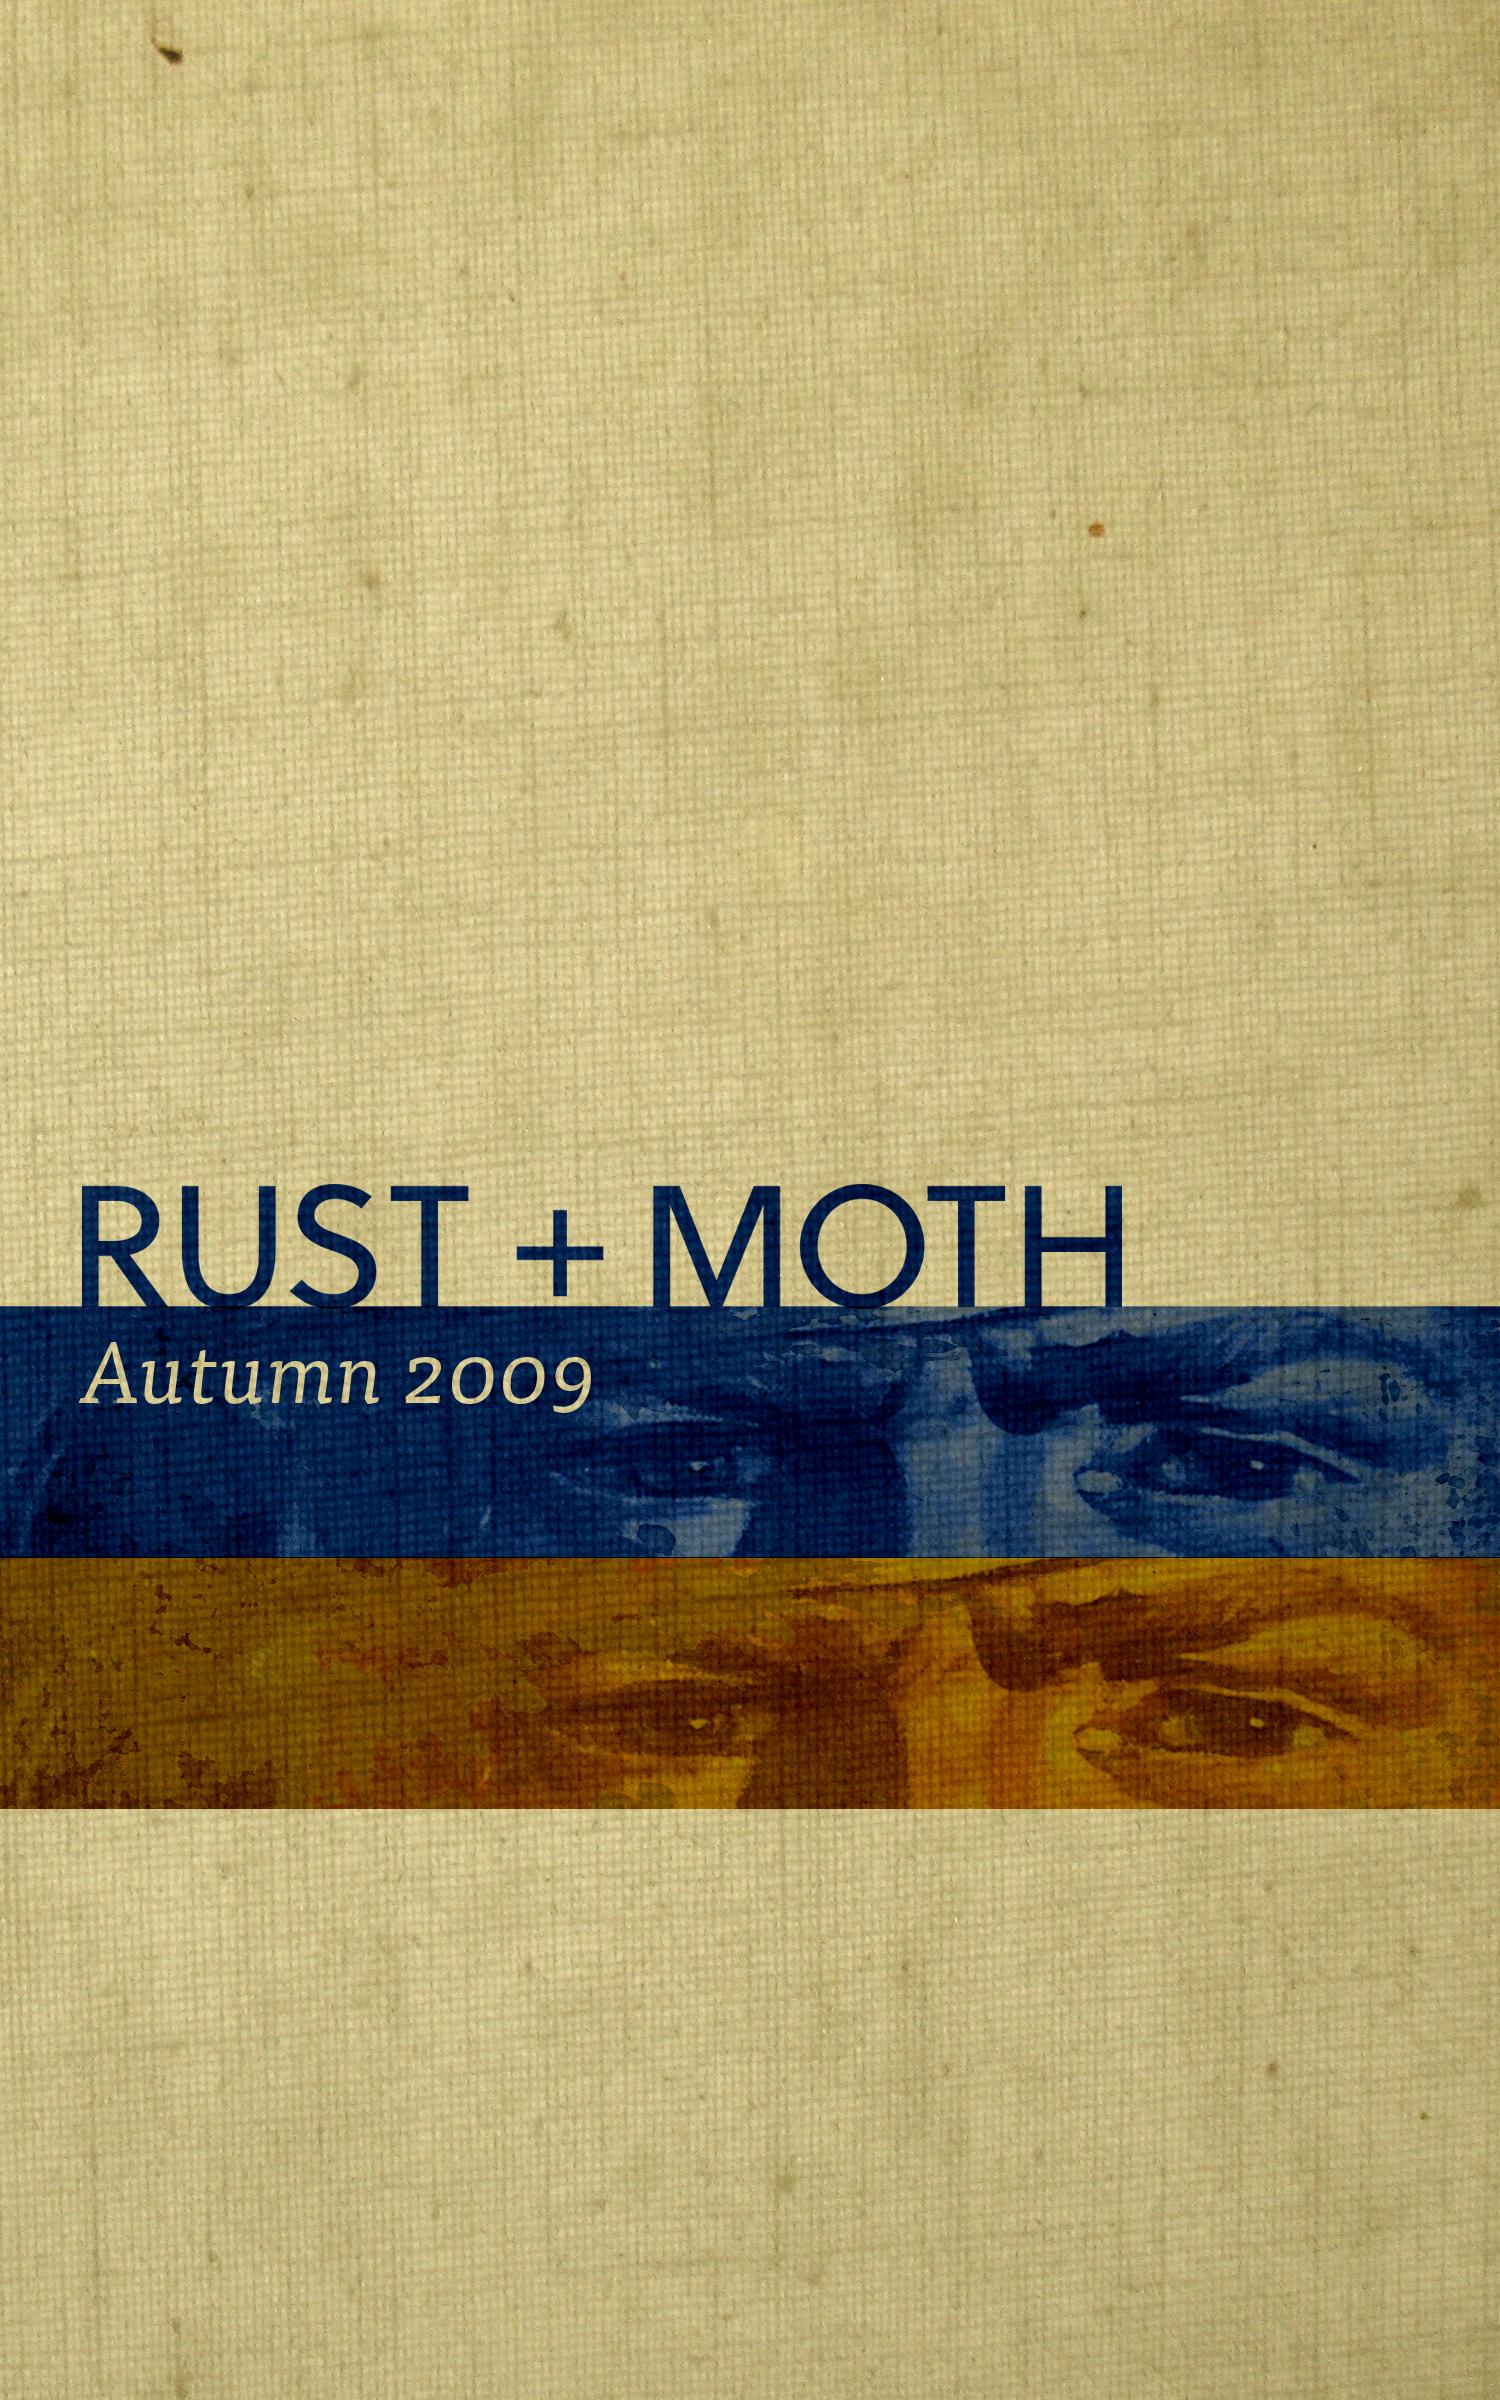 Autumn 2009 Cover